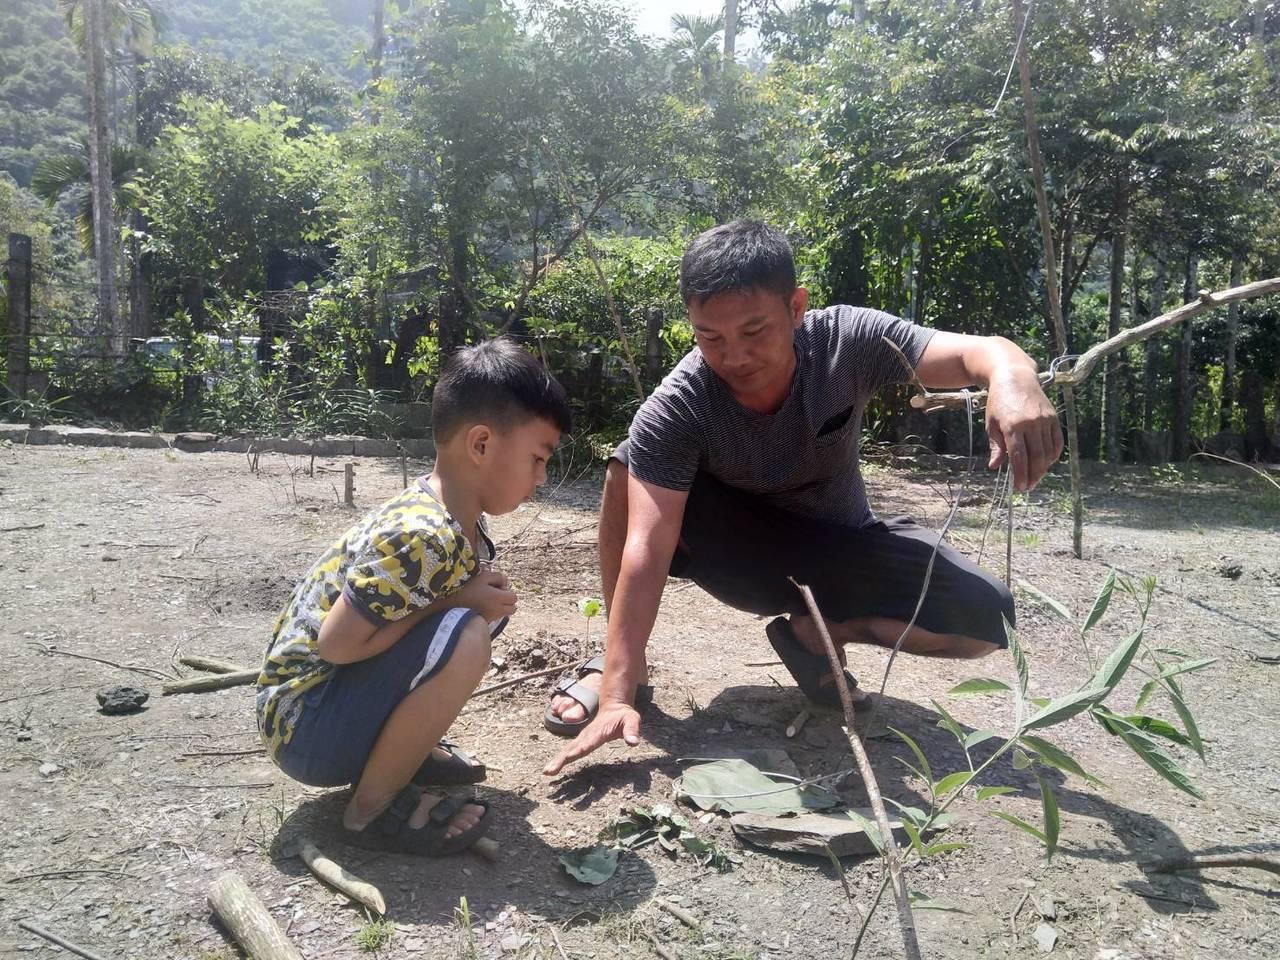 黑米闖關項目之一,獵人教導小朋友製作獵物陷阱。記者徐白櫻/翻攝